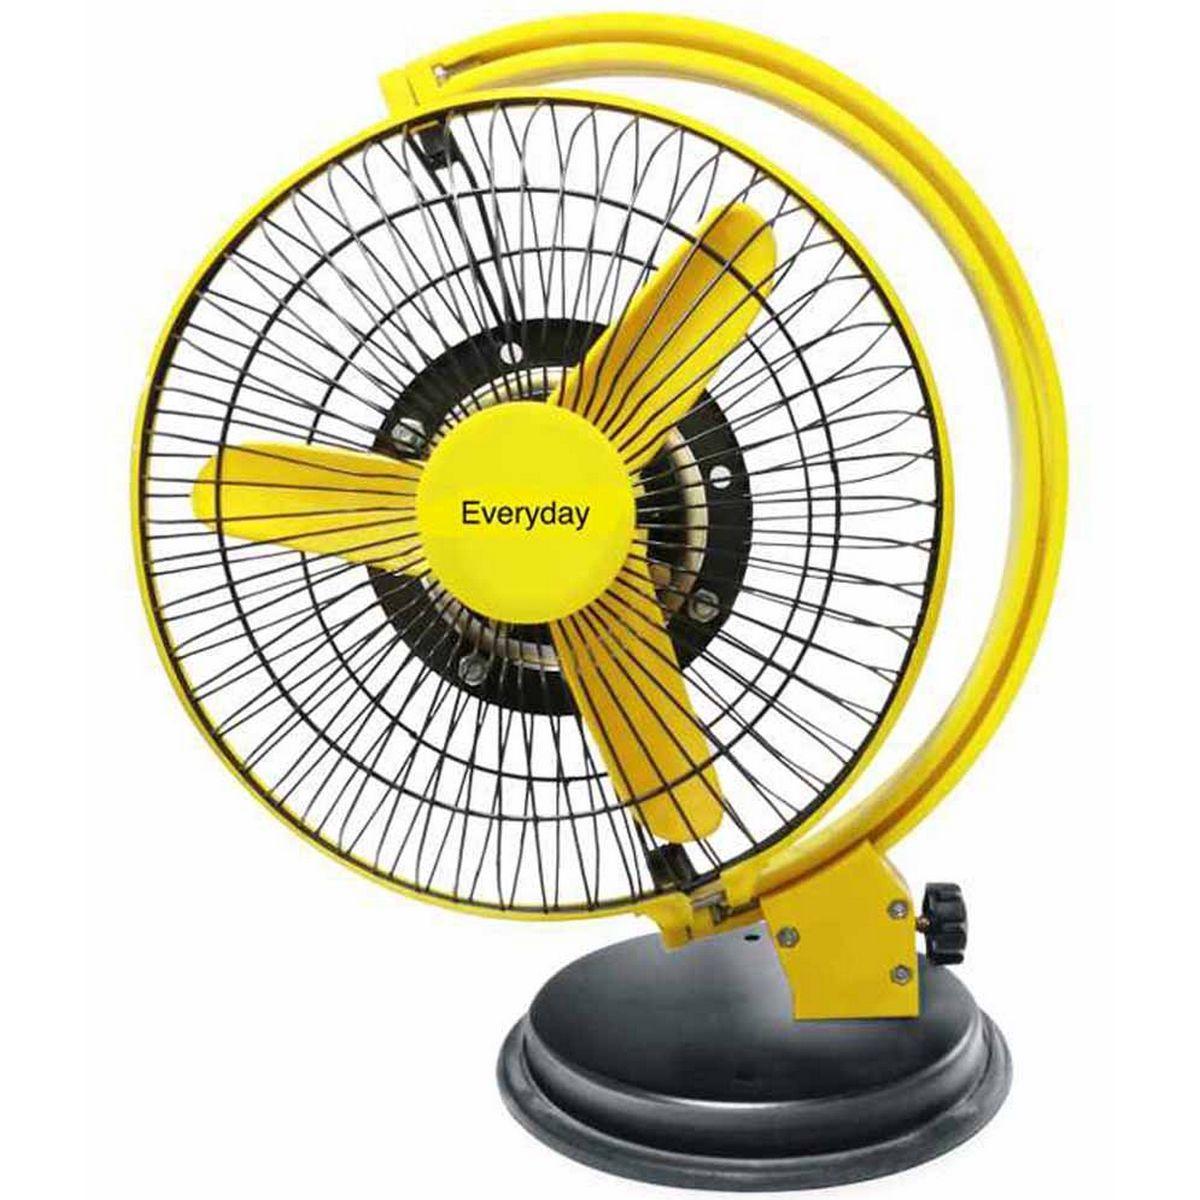 Yellow Everyday It Is The Best Table Fan In Not Ordinary Style Table Fan Fan Wall Fans